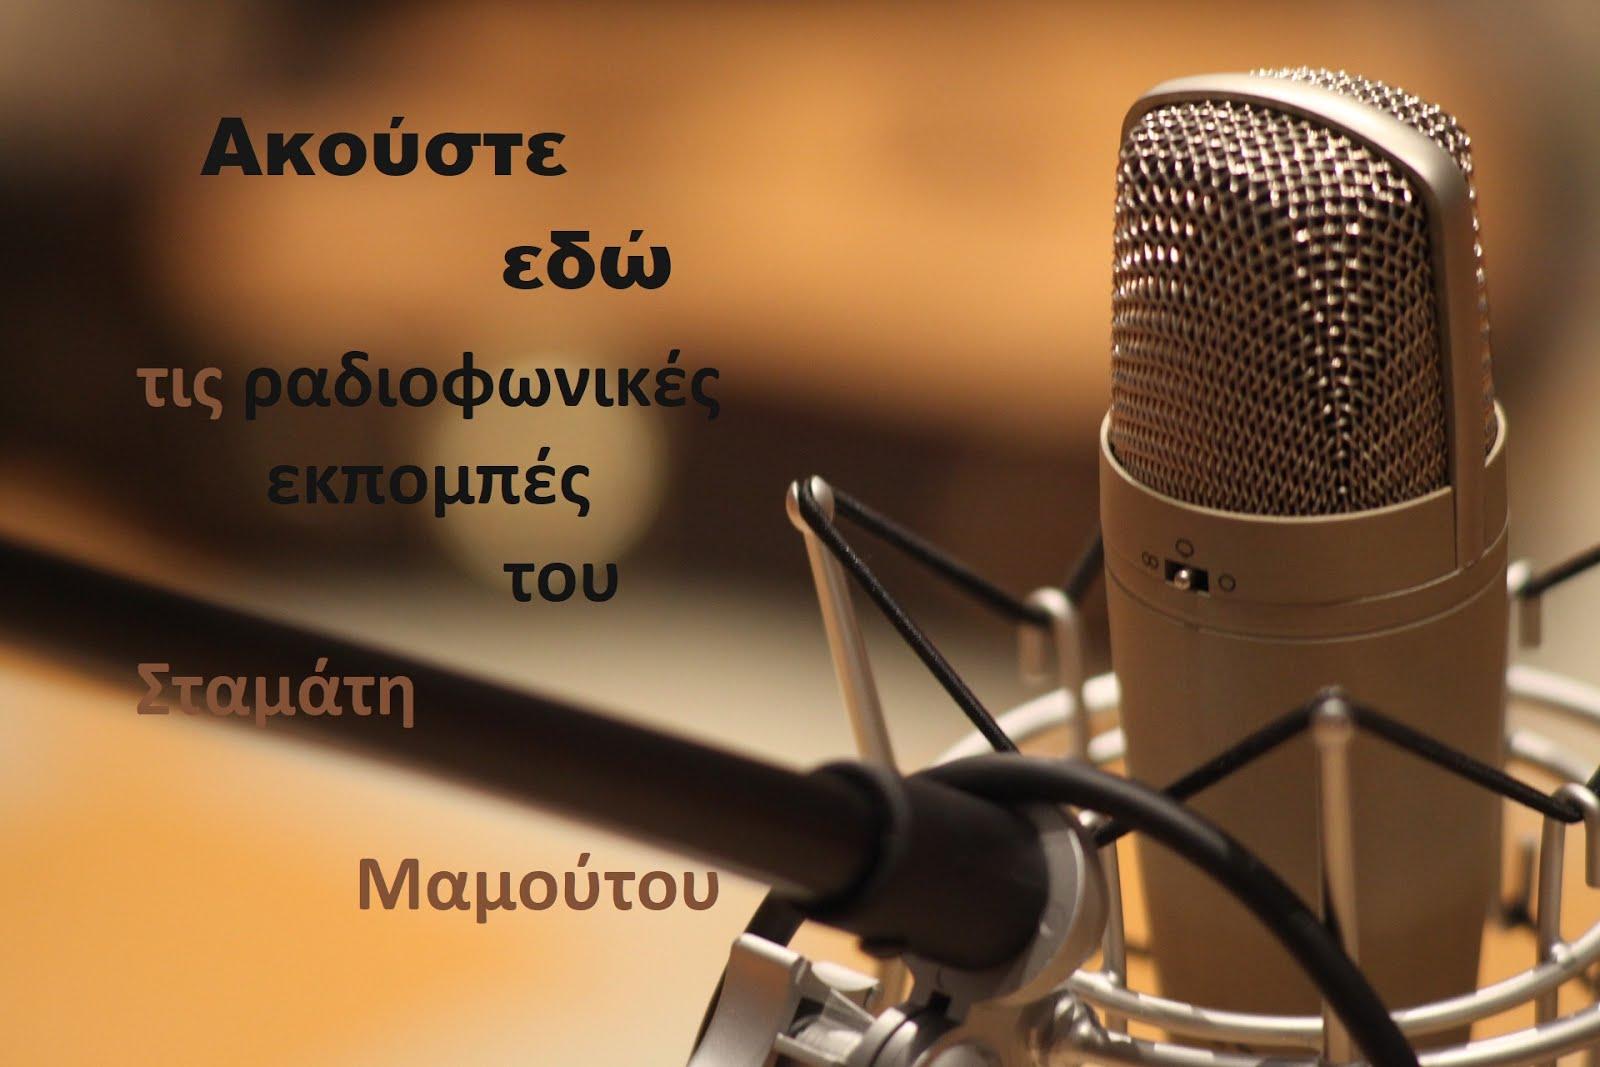 Ραδιοφωνικές Εκπομπές του Σταμάτη Μαμούτου